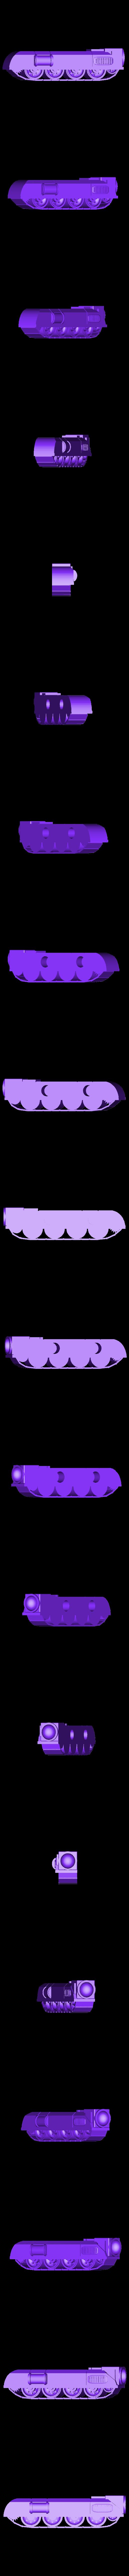 right tracks arm mounts.stl Télécharger fichier STL Ork Tank / Canon d'assaut 28mm optimisé pour FDM Printing • Modèle pour imprimante 3D, redstarkits